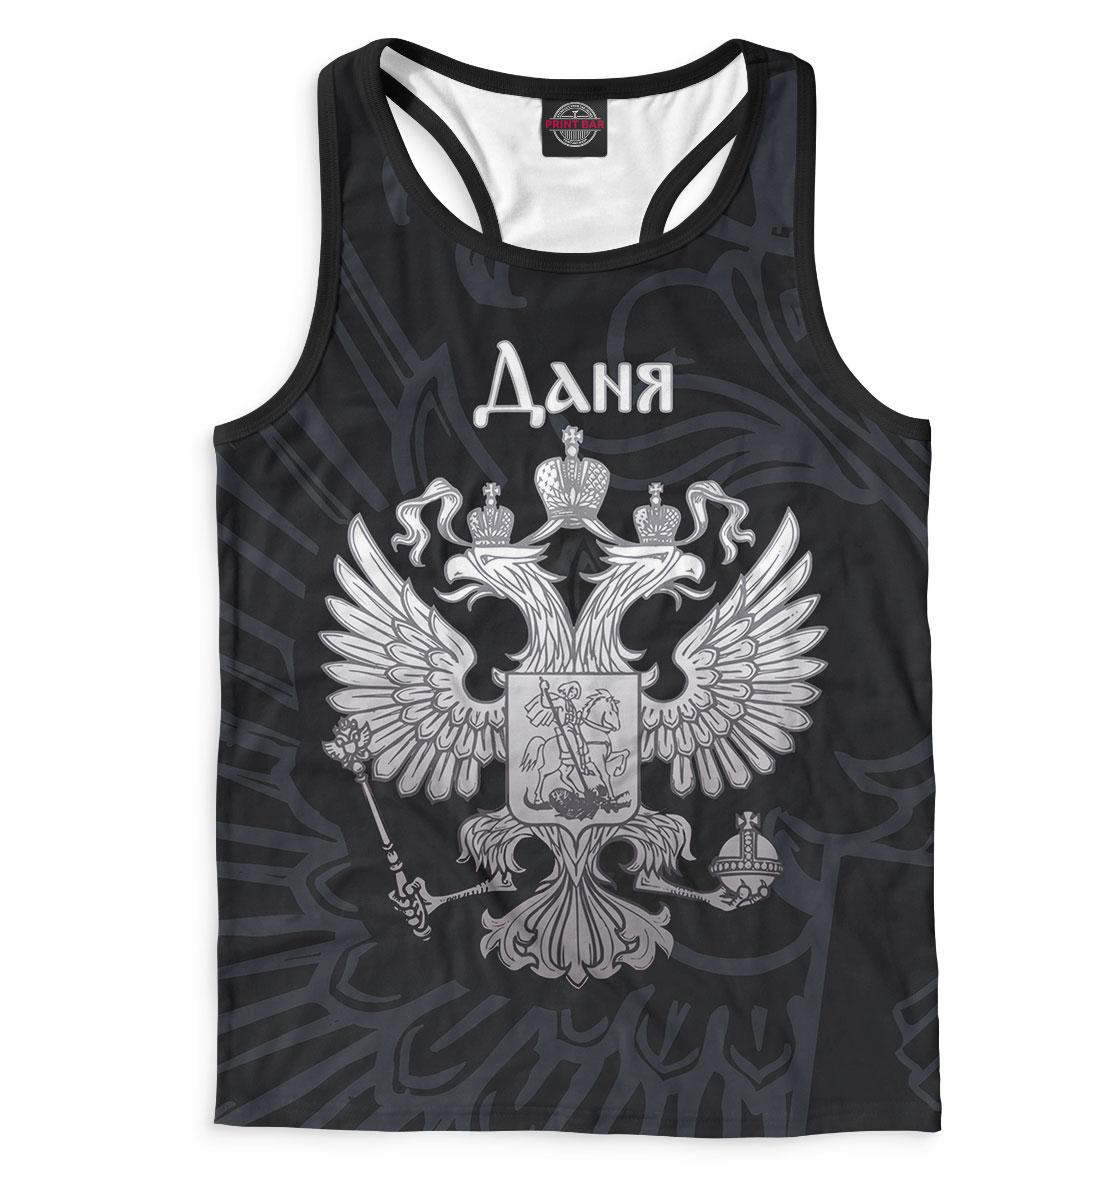 Купить Даня, Printbar, Майки борцовки, DAN-746661-mayb-2